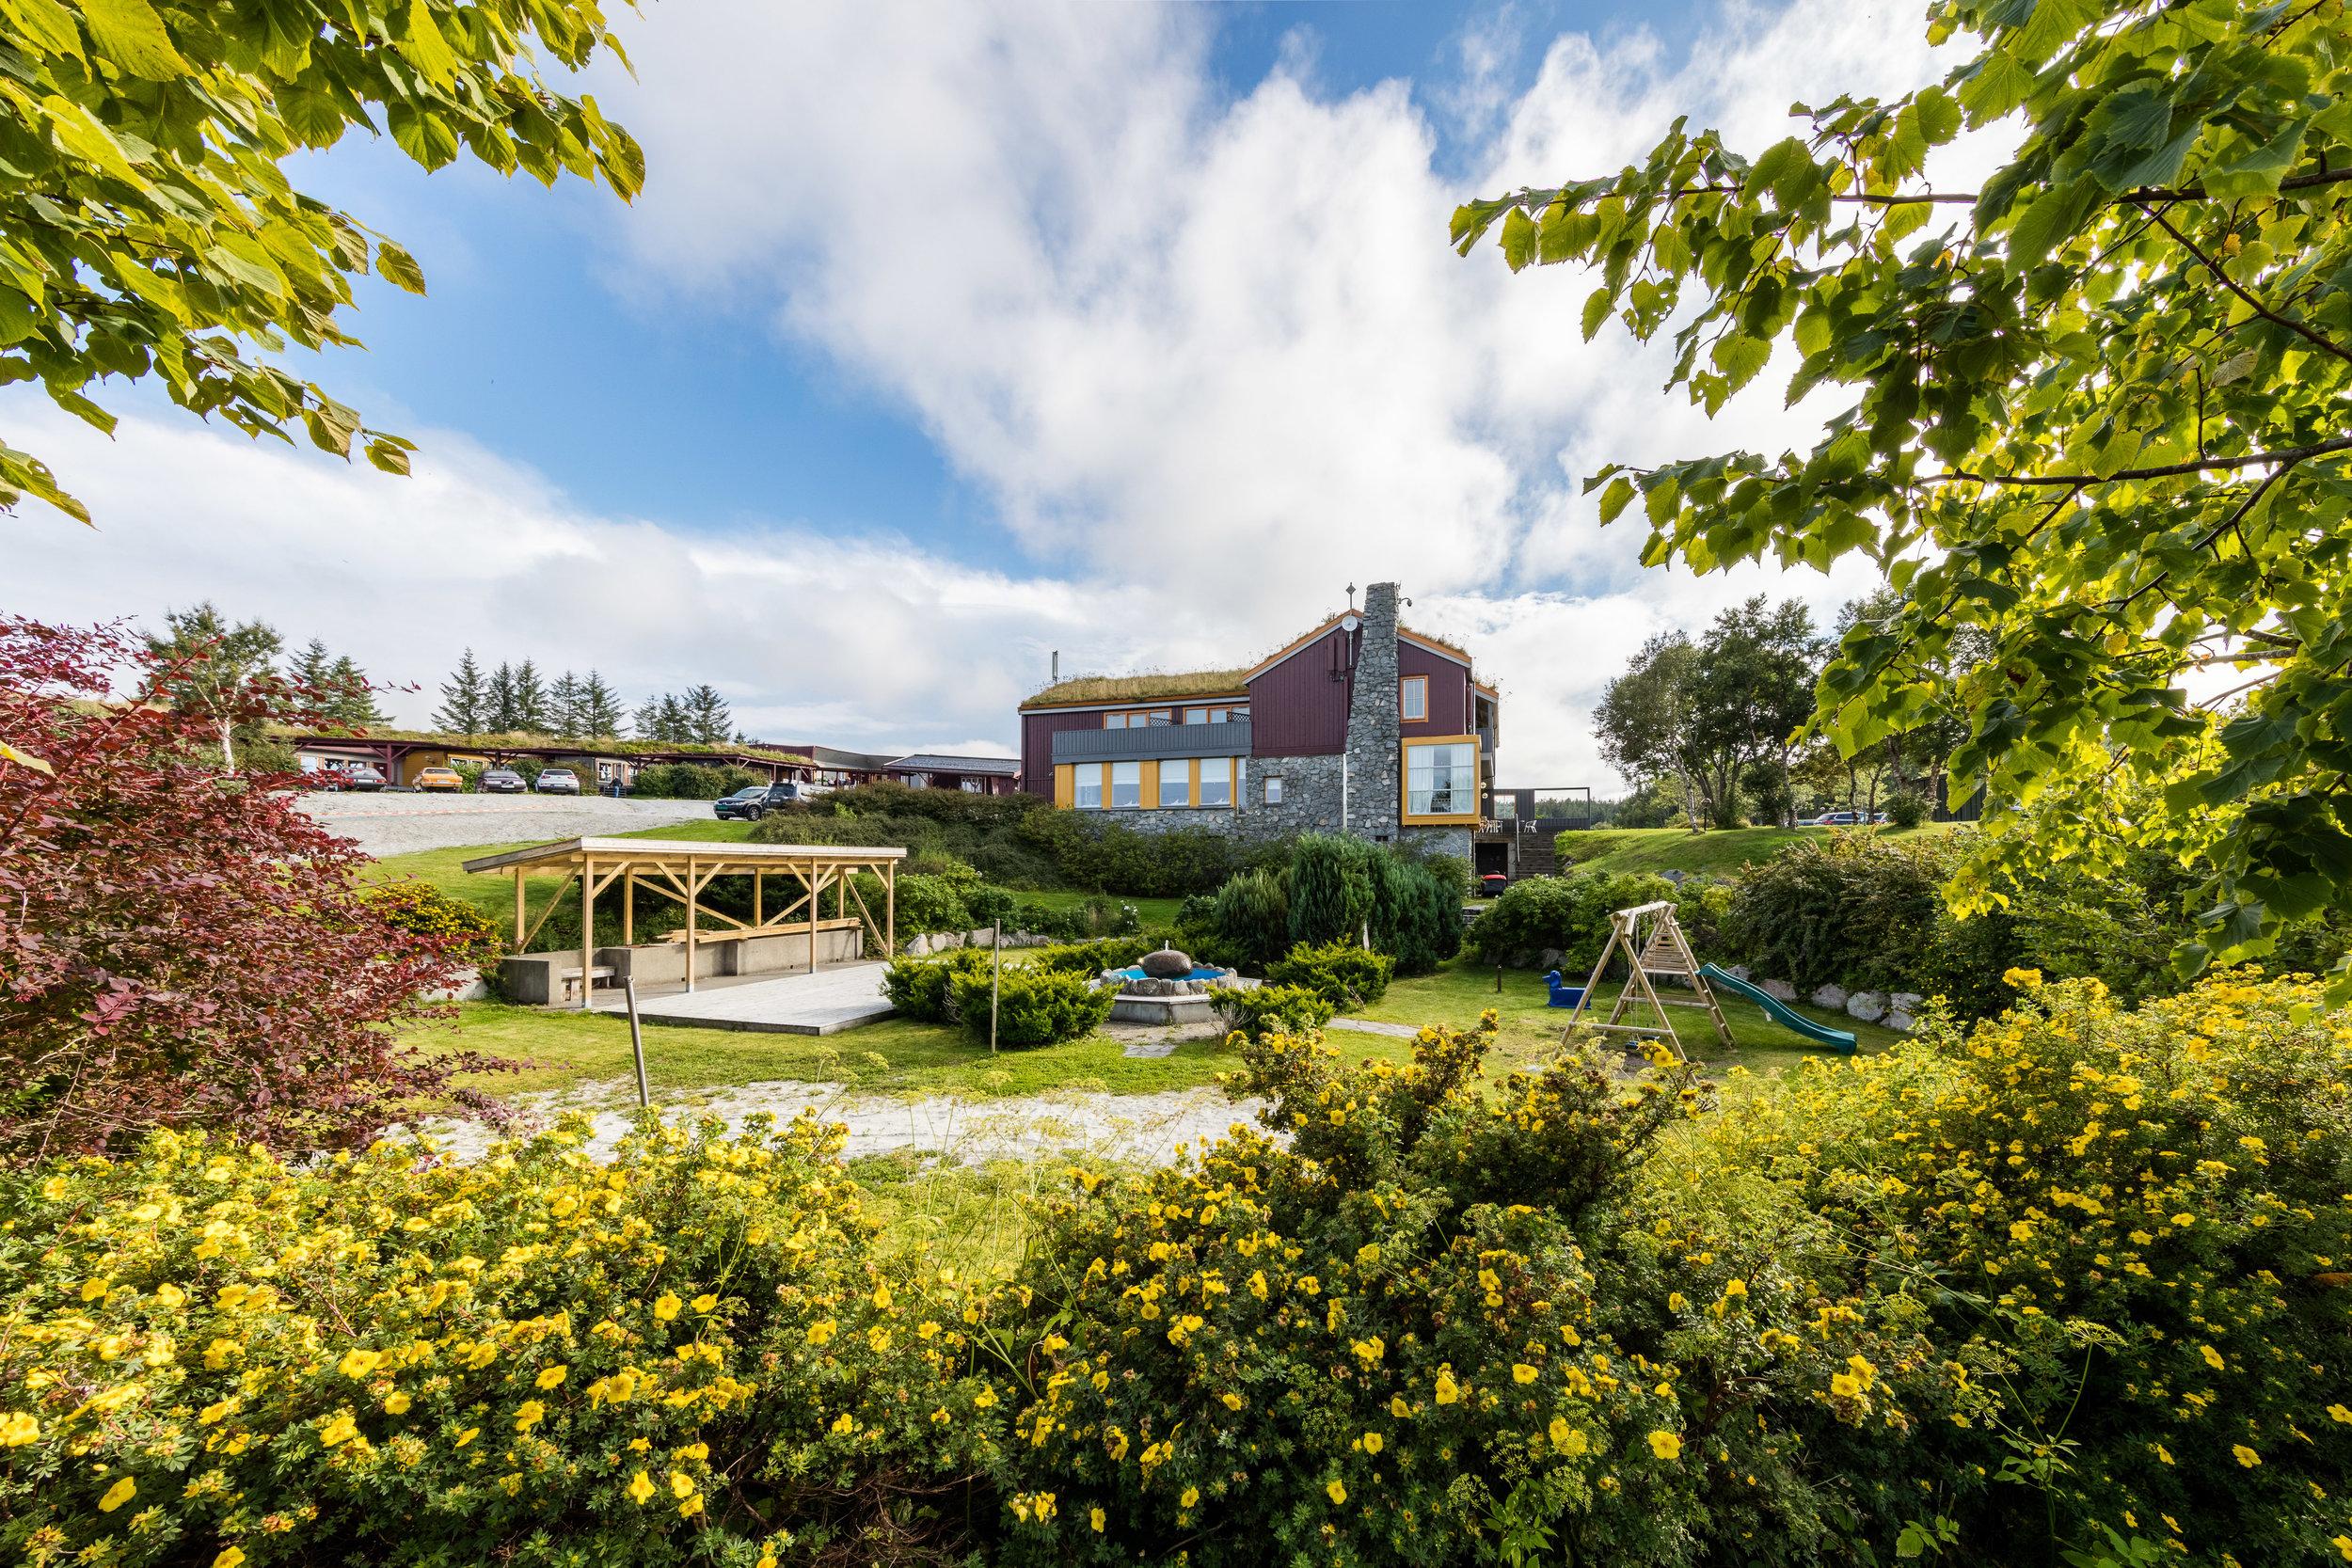 Dolmsundet hotell er et miljøvennlig hotell